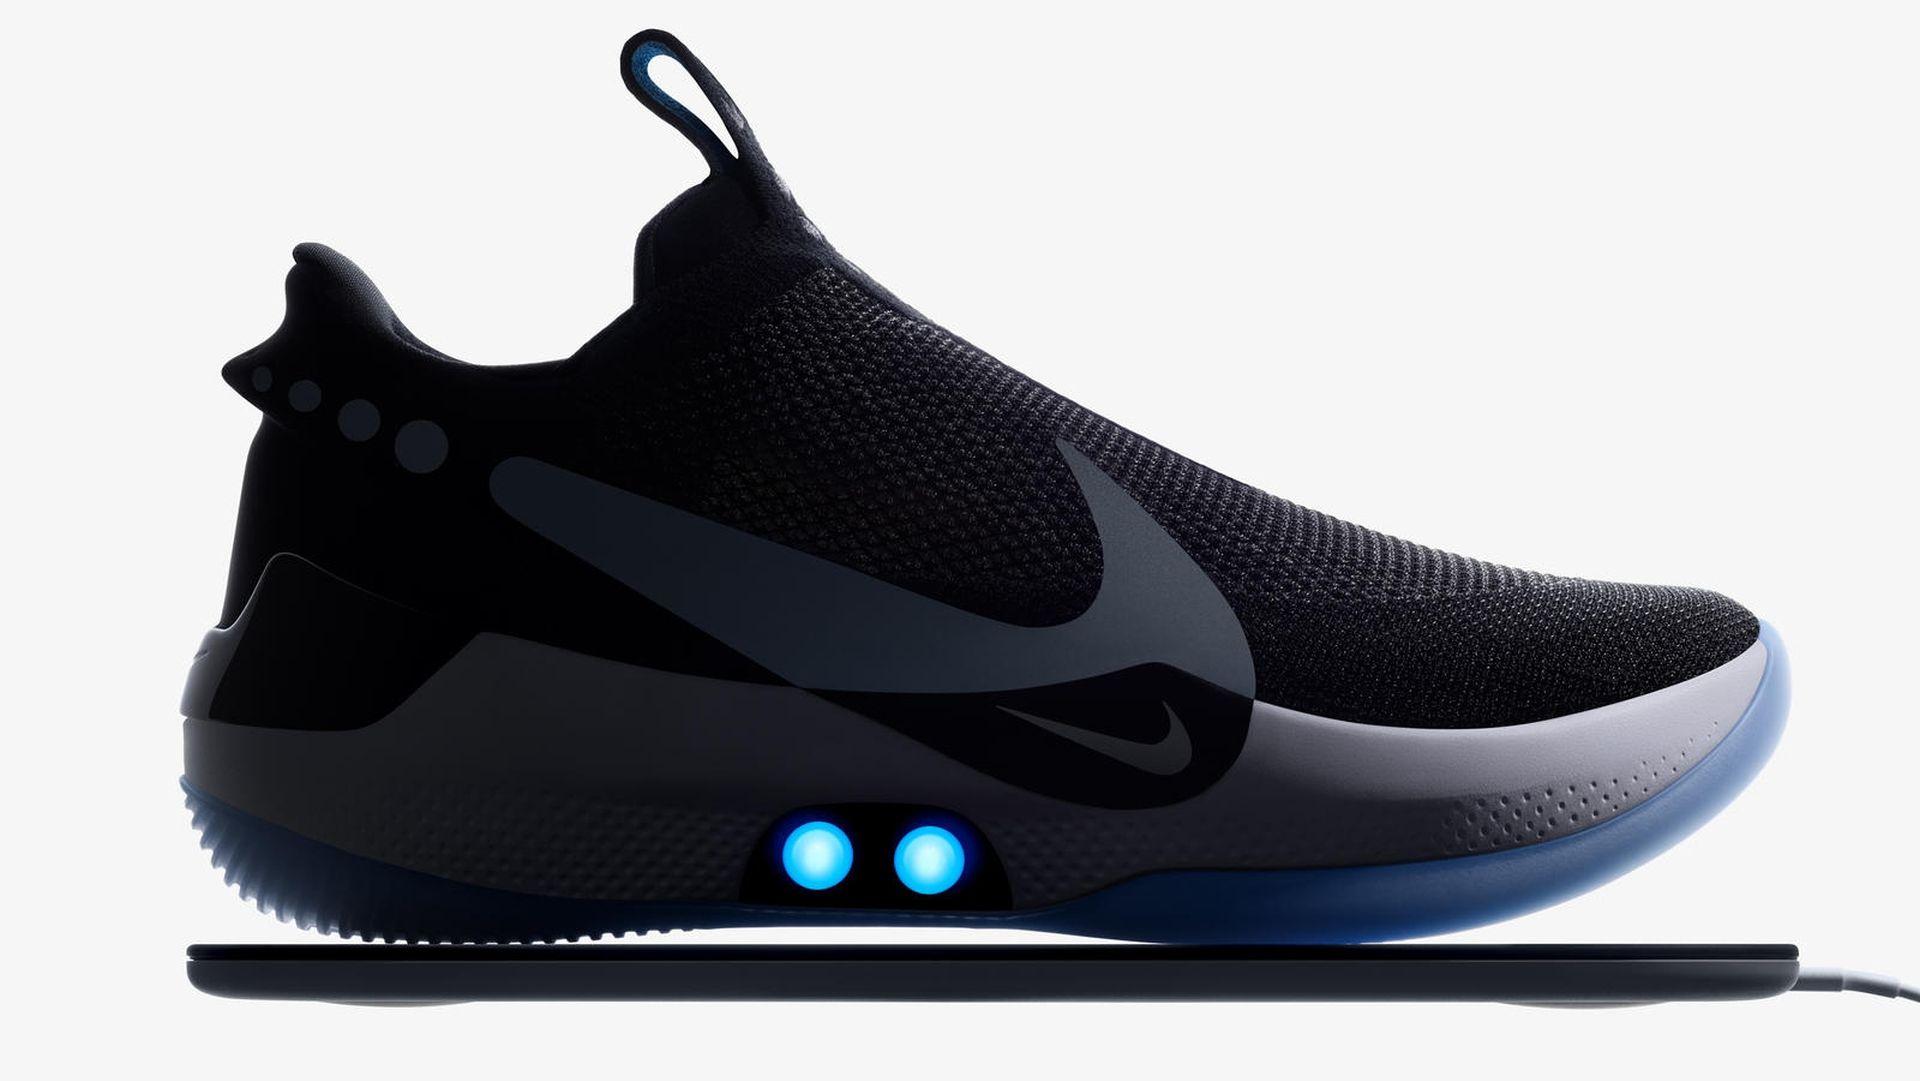 W lutym trafią do sklepów samowiążące się buty Nike